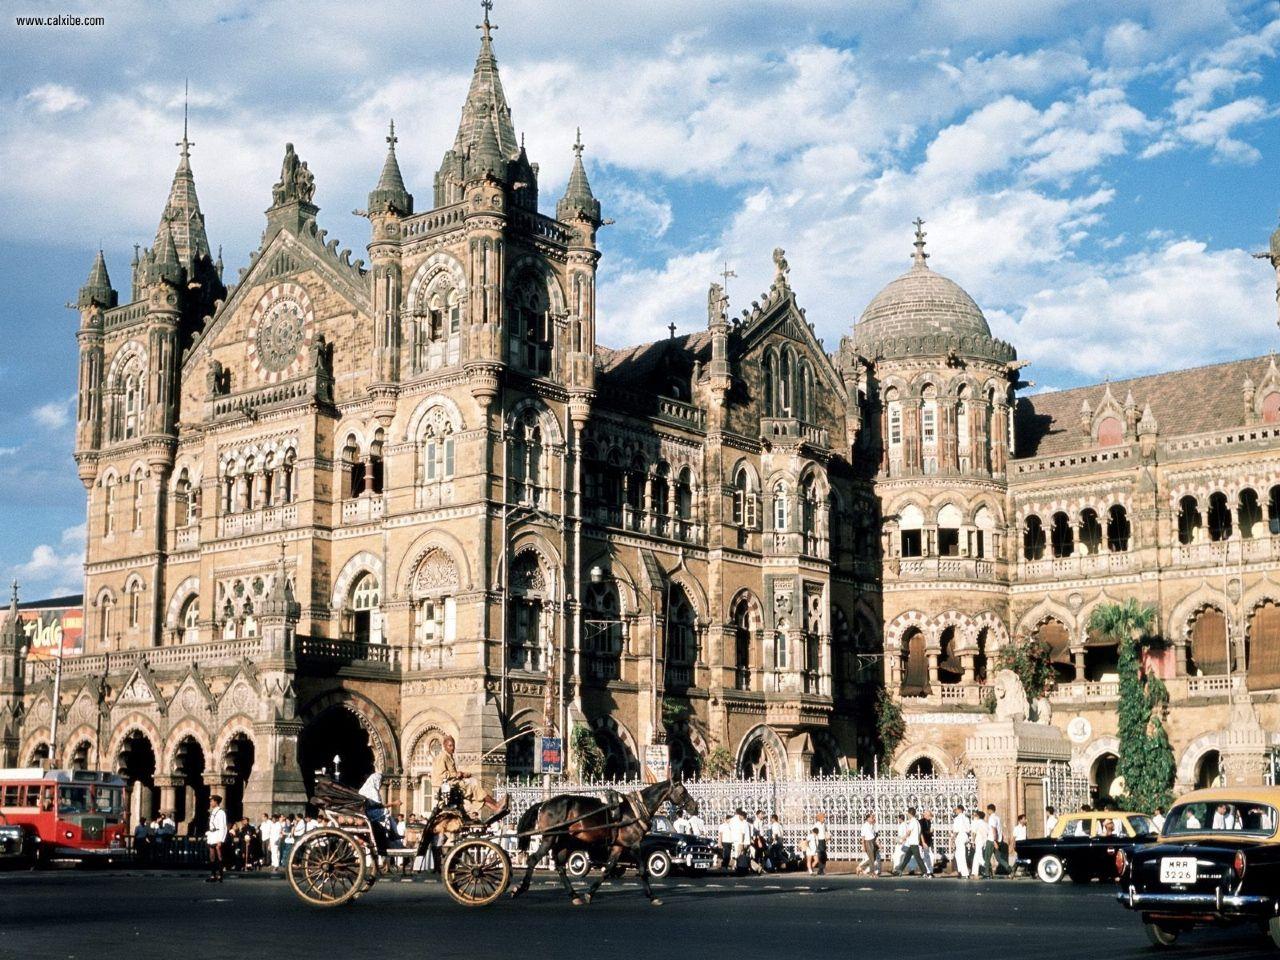 孟买文化殖民建筑一日游